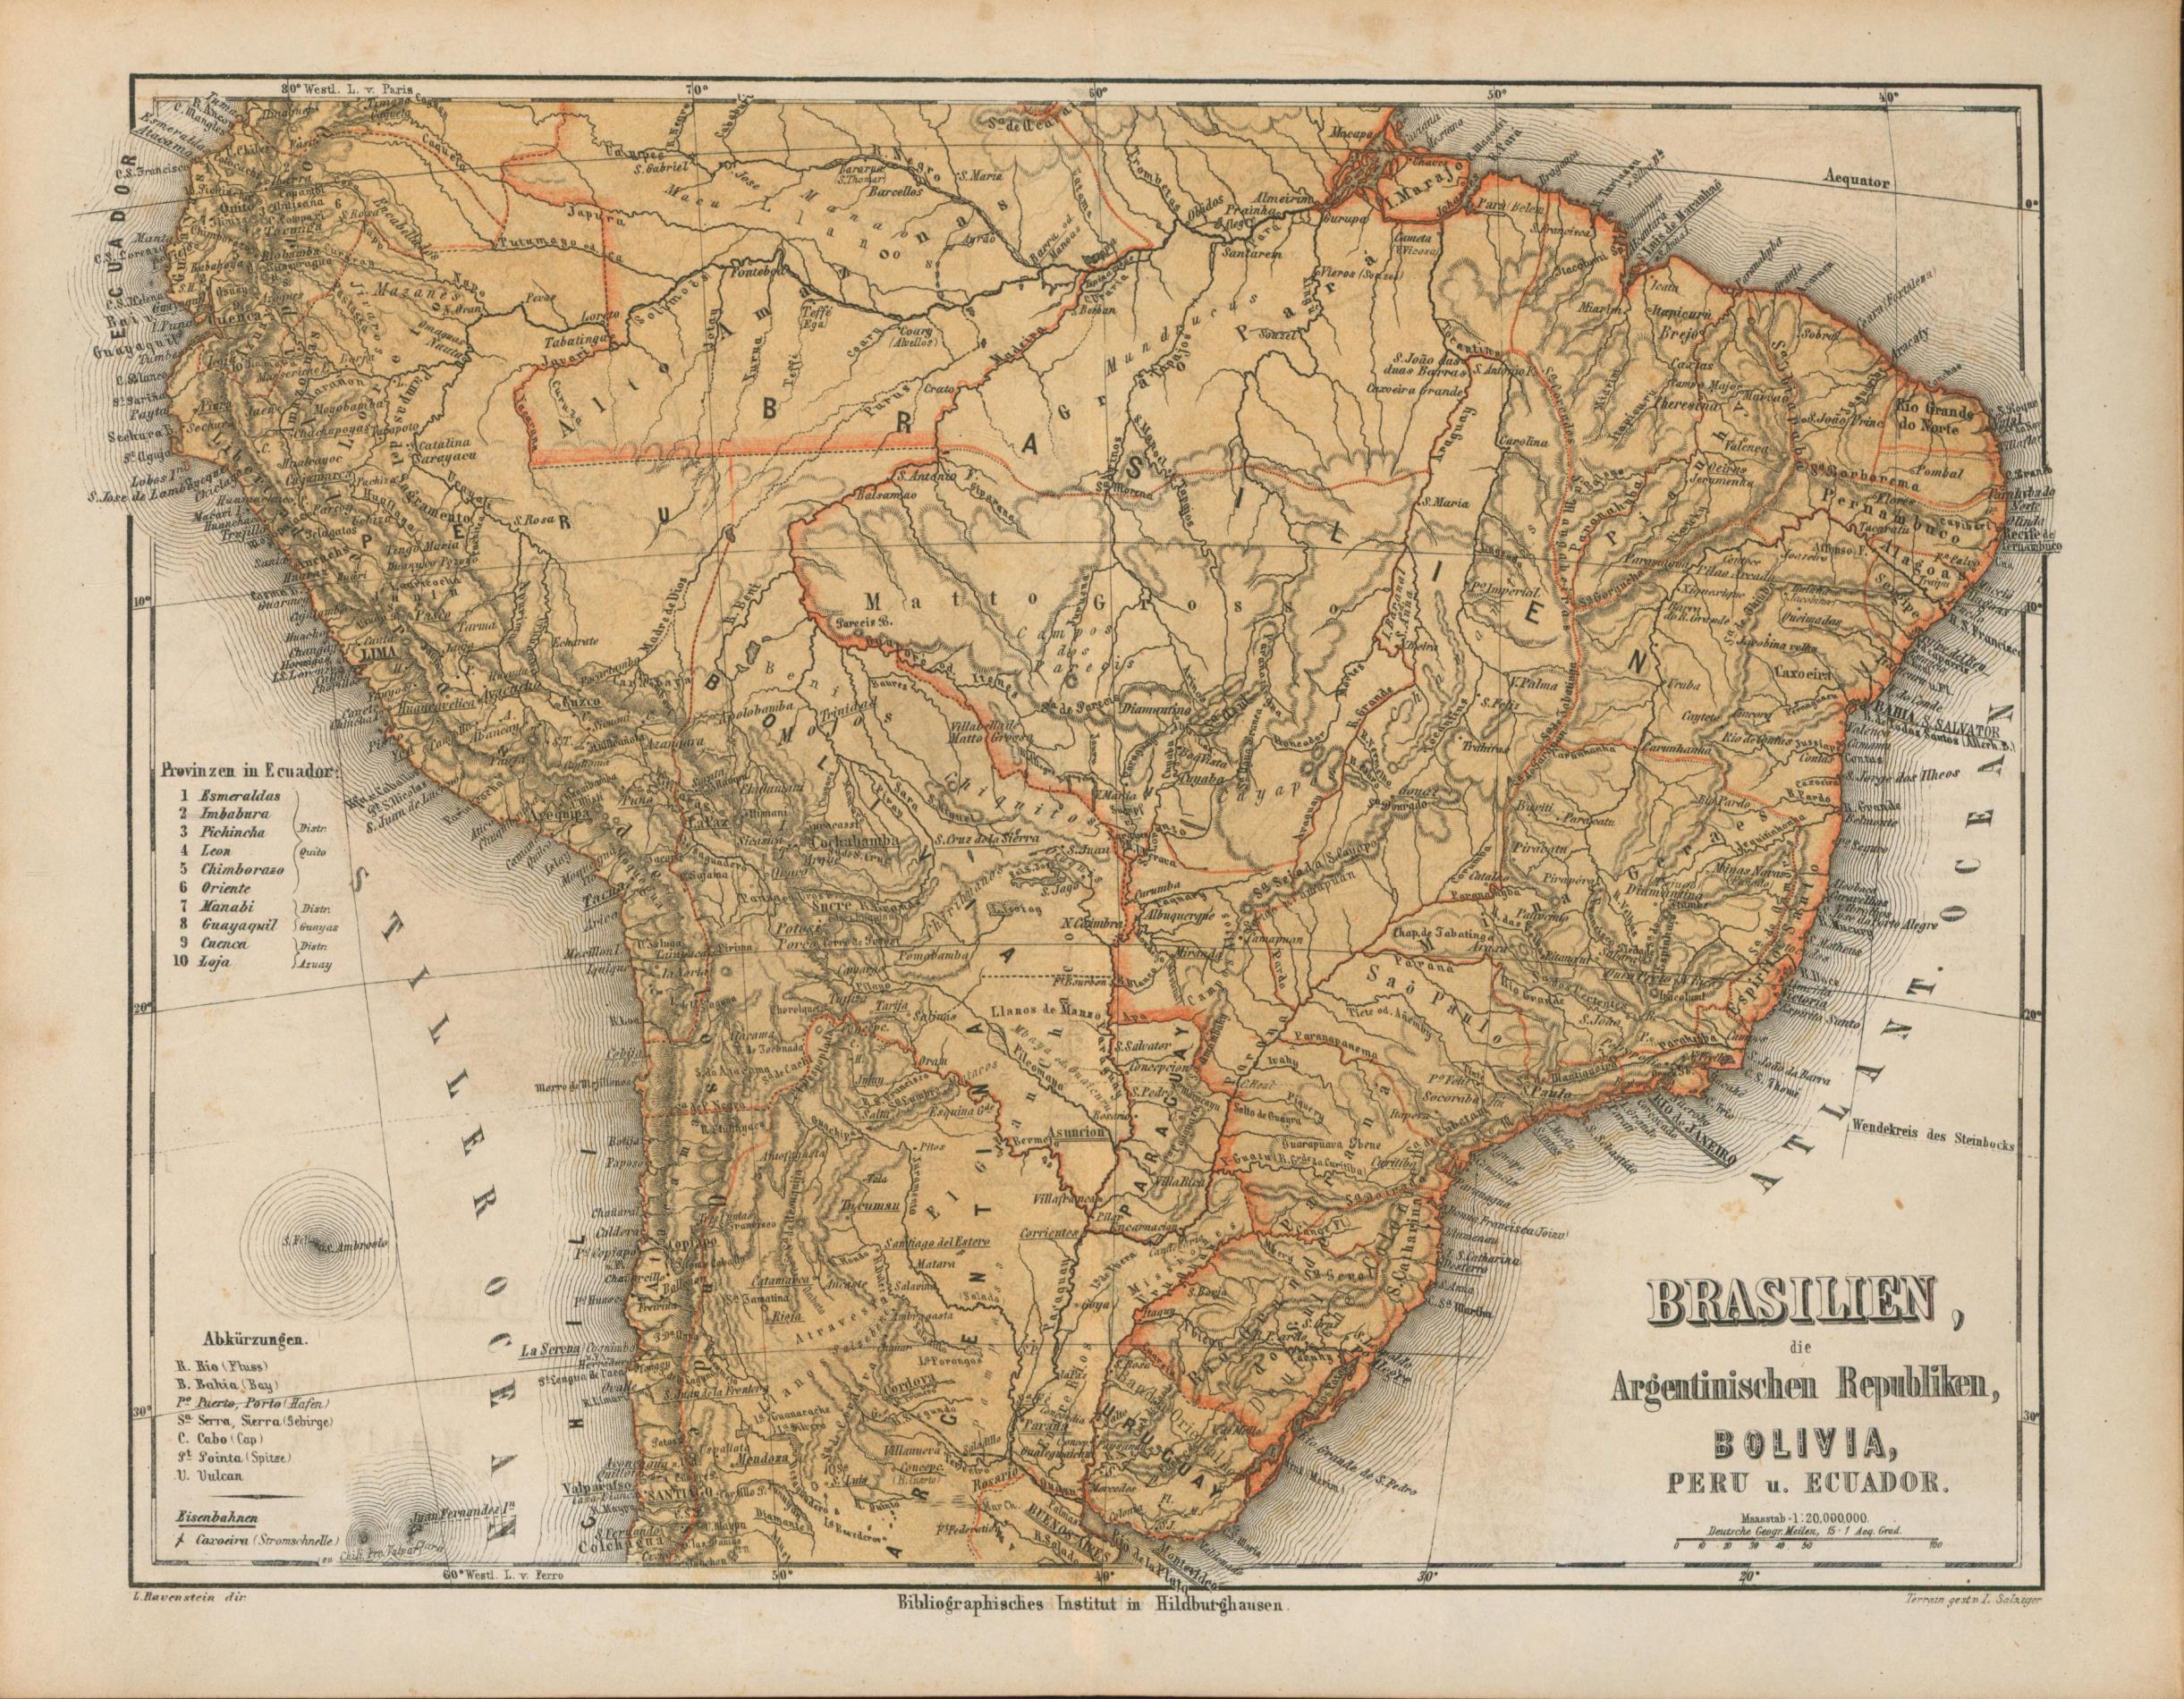 Brasilien, die Argentinischen Republiken, Bolivia, Peru u.: Historische Landkarte KEIN